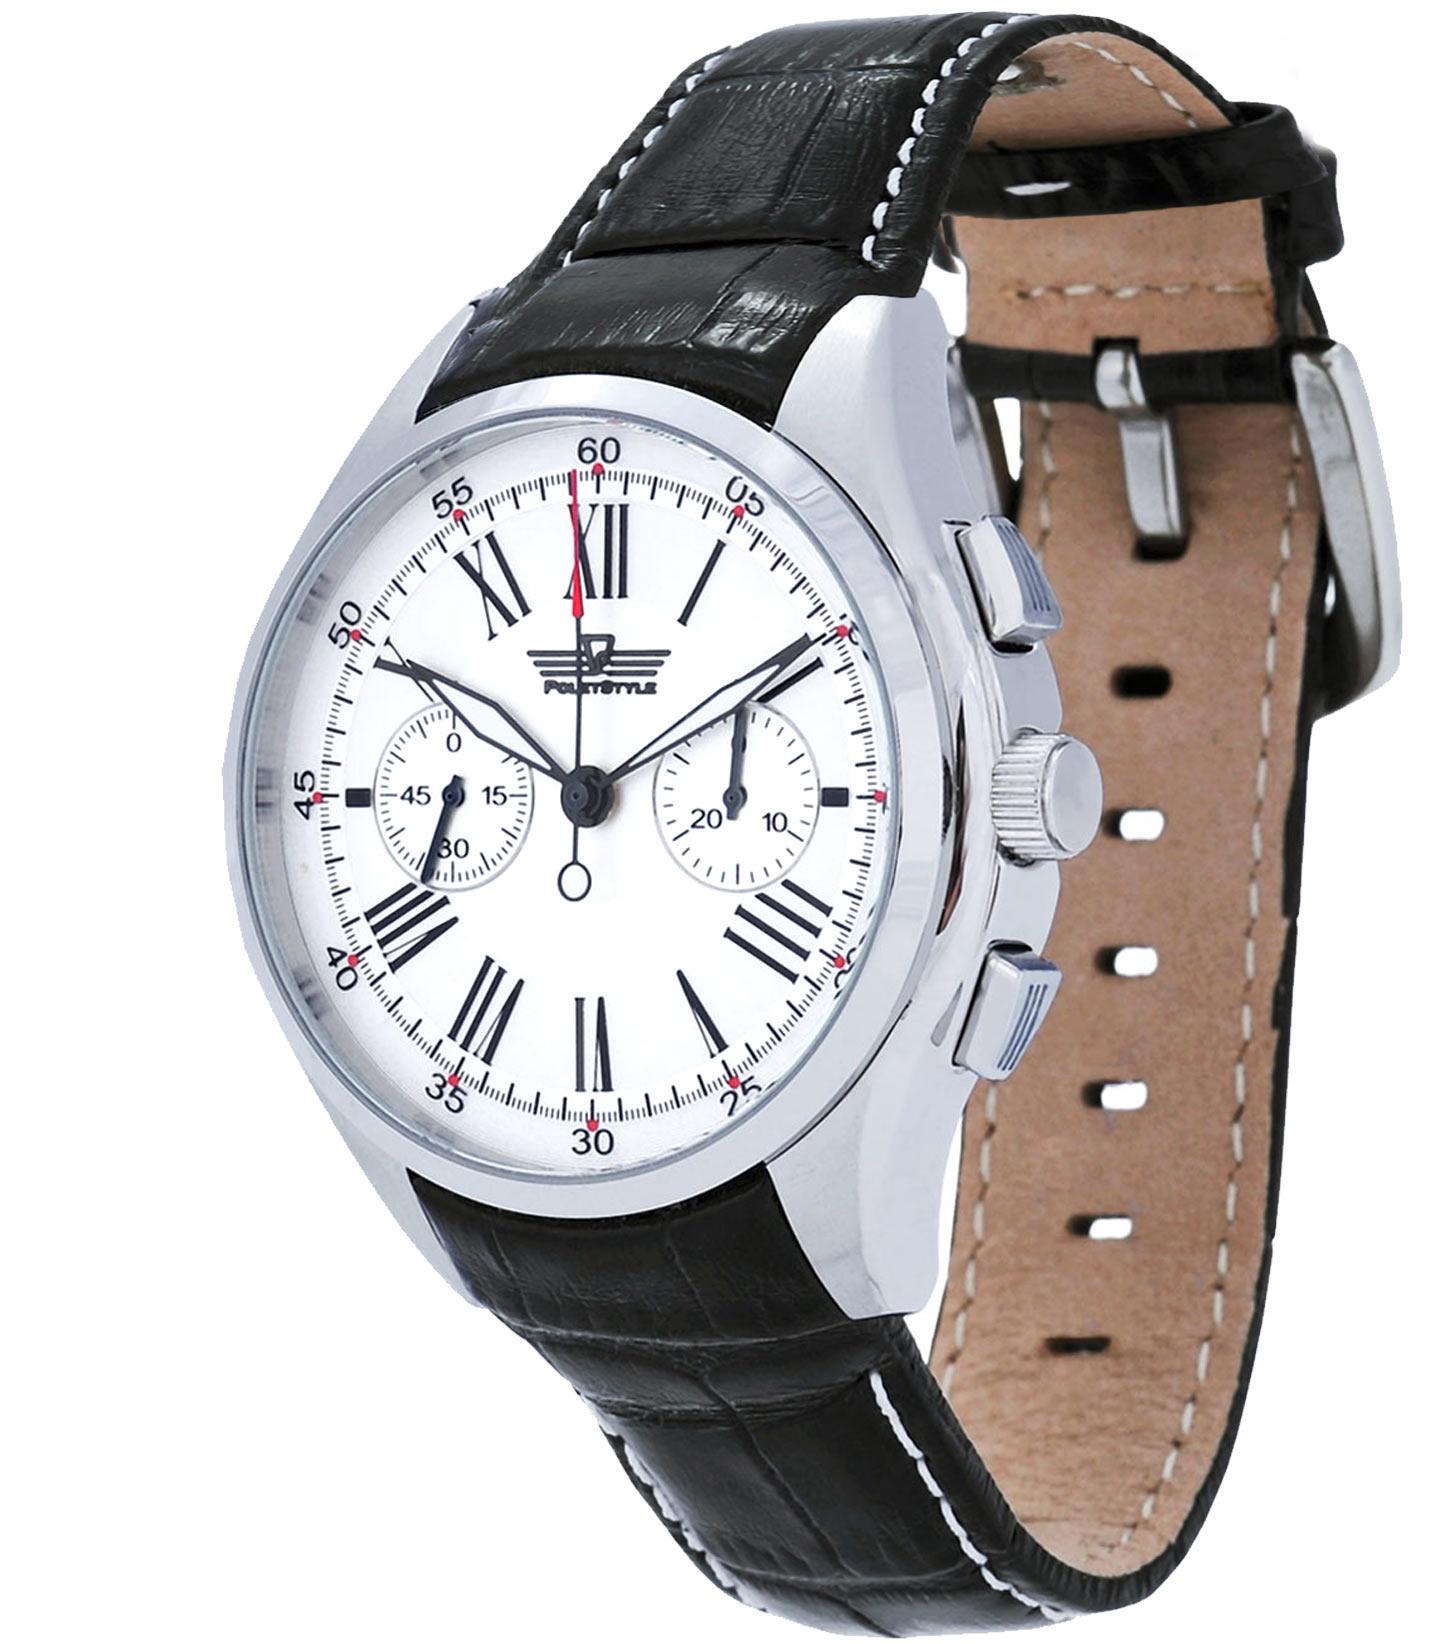 / часы механический хронограф: найдено 76 наименованийчасы механический хронограф: найдено 76 наименований.